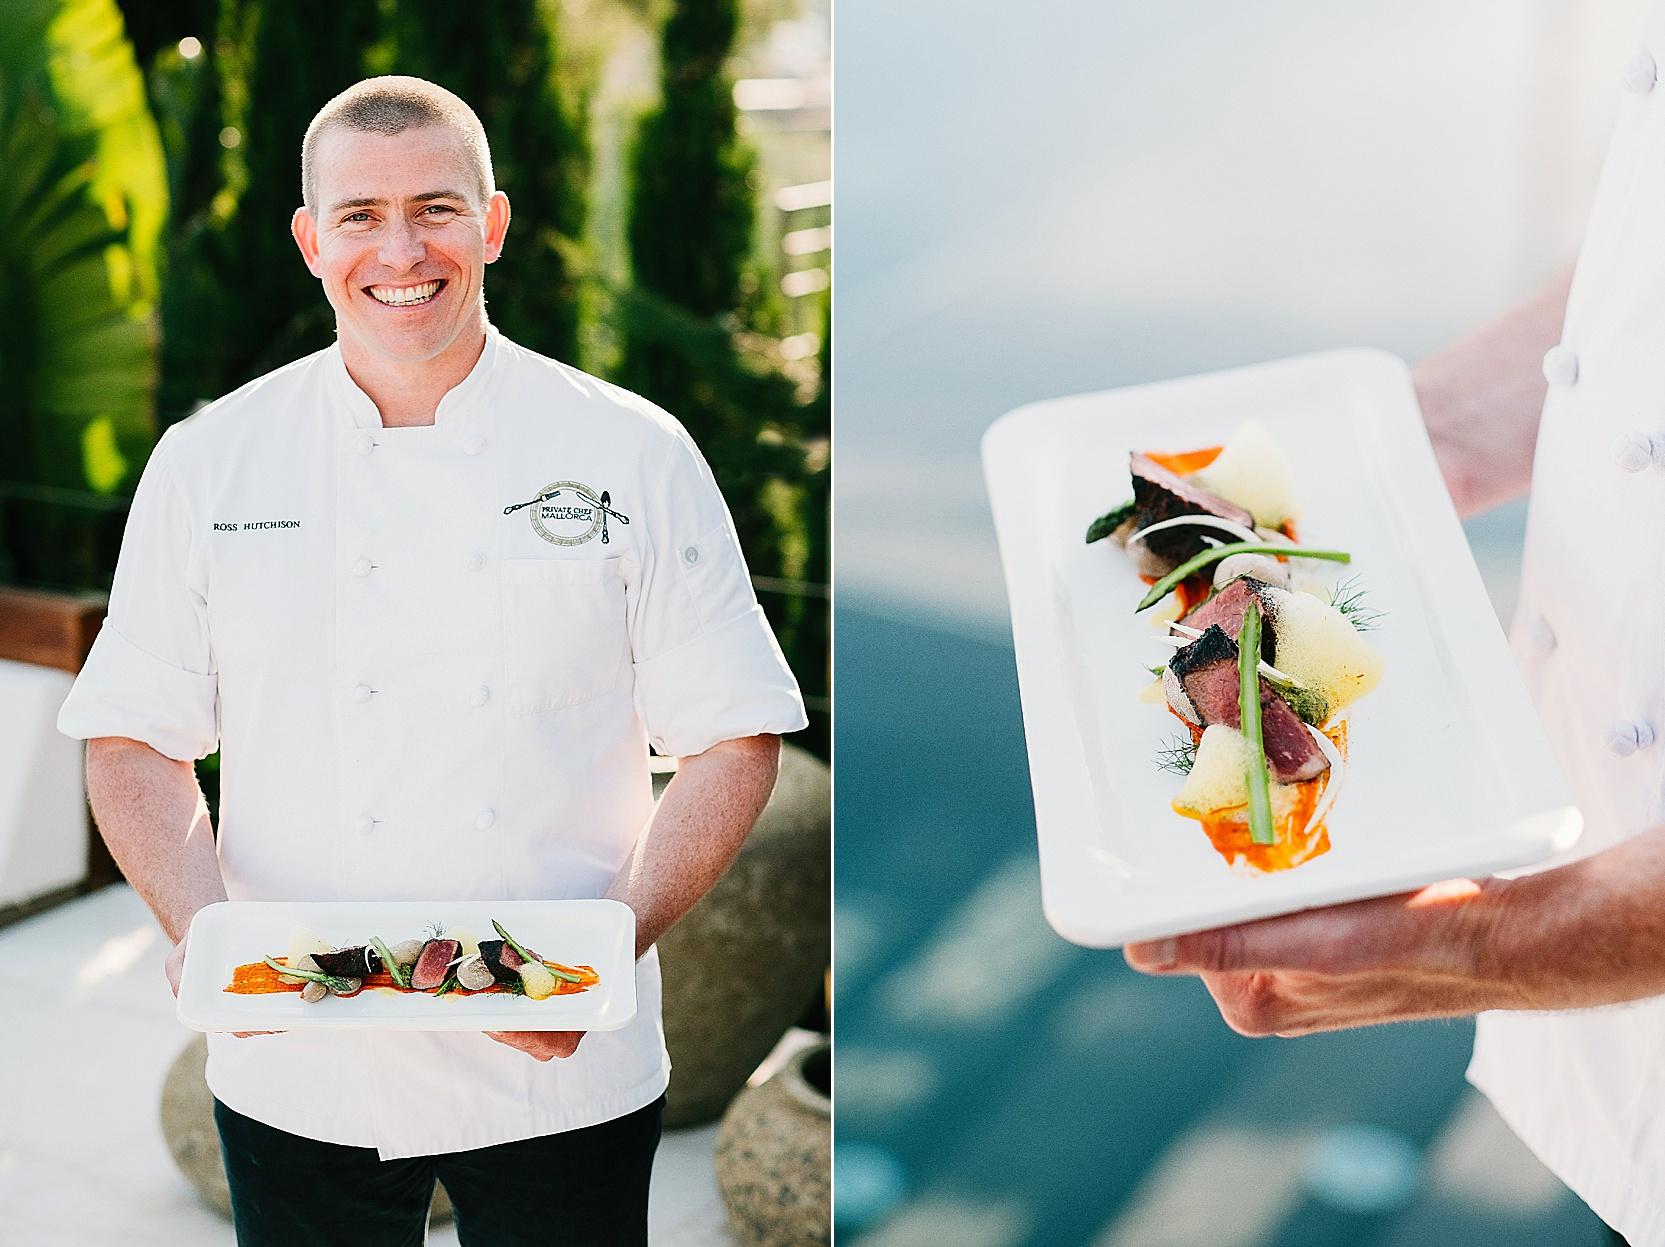 storytelling-brand-photography-chef-34